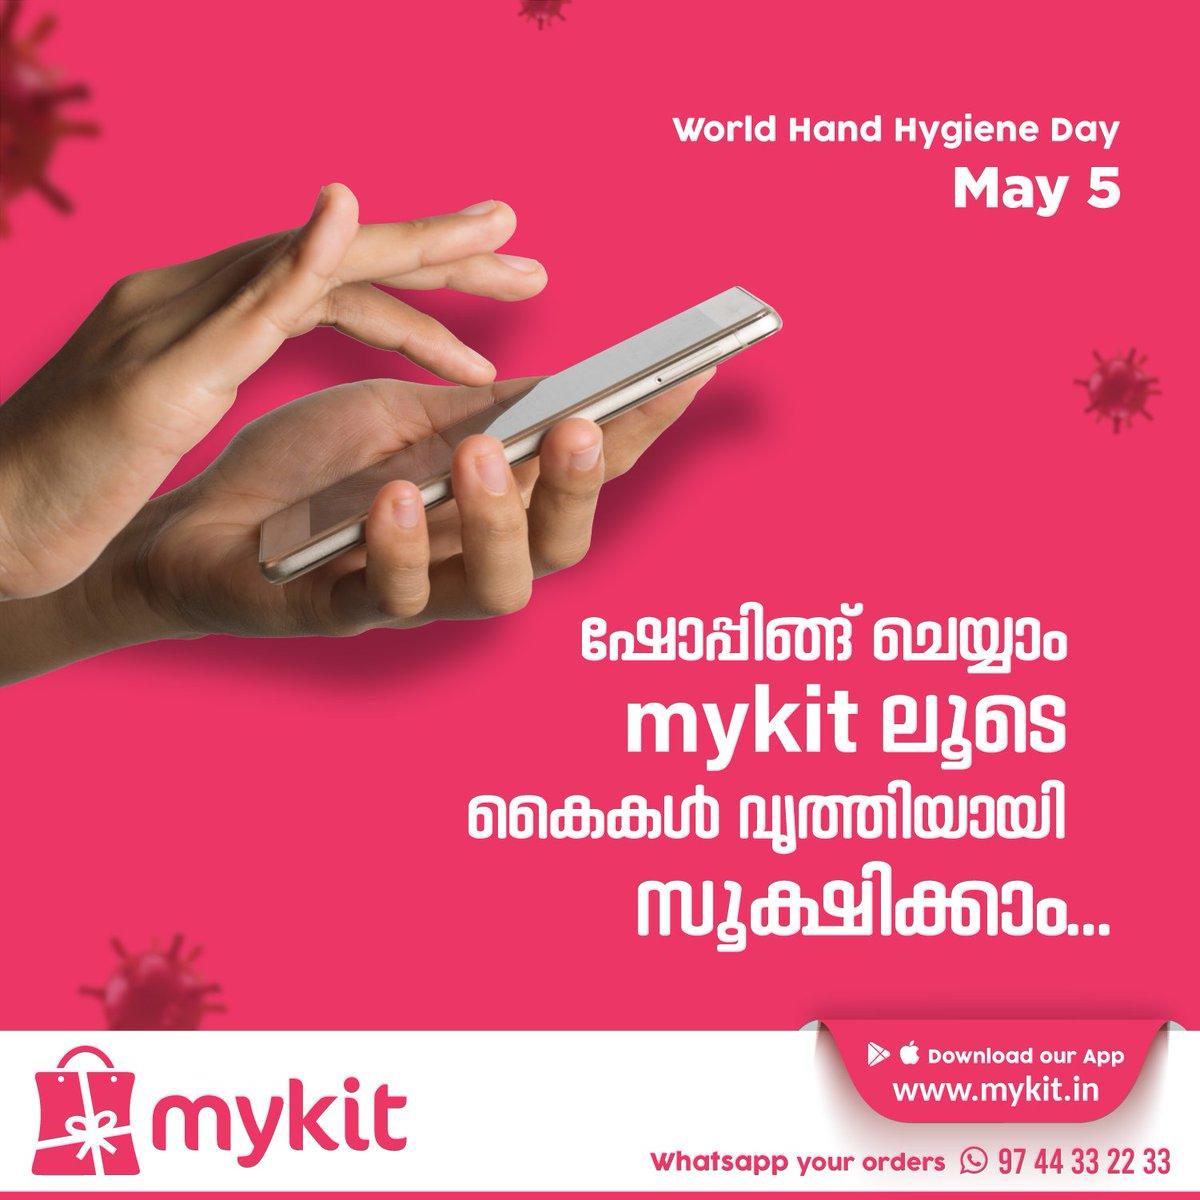 ഷോപ്പിങ്ങ് ചെയ്യാം mykitലൂടെ കൈകൾ വൃത്തിയായി സൂക്ഷിക്കാം  World Hand Hygiene Day  Visit now:https://t.co/RZdqLytvZl  #mykitcart #mykit #worldhandhygieneday #handhygieneday #handhygiene #onlineshopping #brandyourhome #covid19 #kannur #kerala https://t.co/I5yNeszIYG